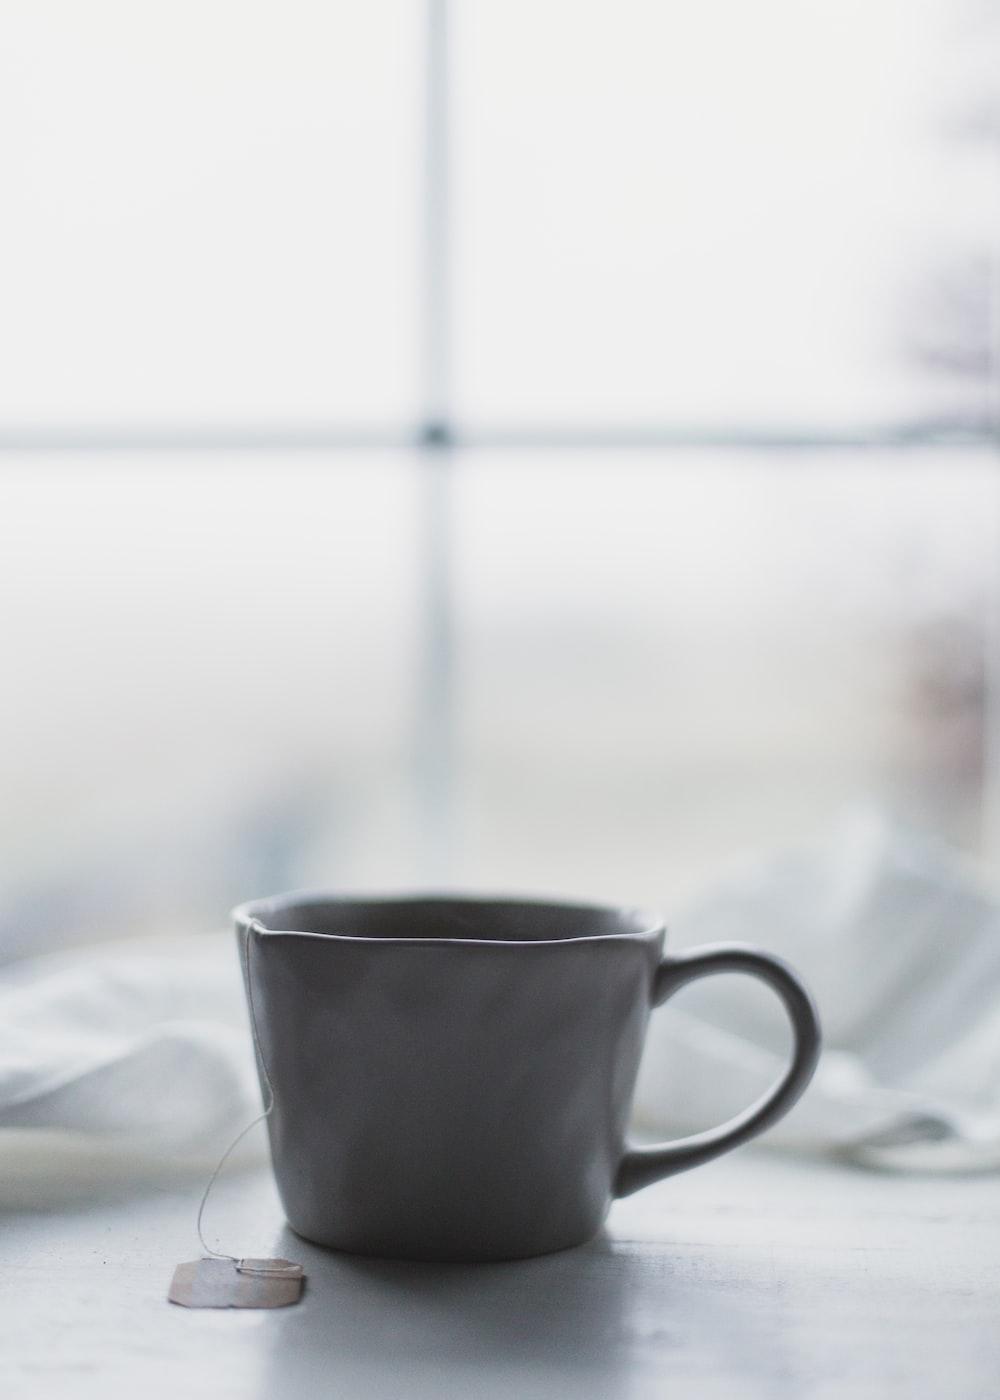 white ceramic teacup